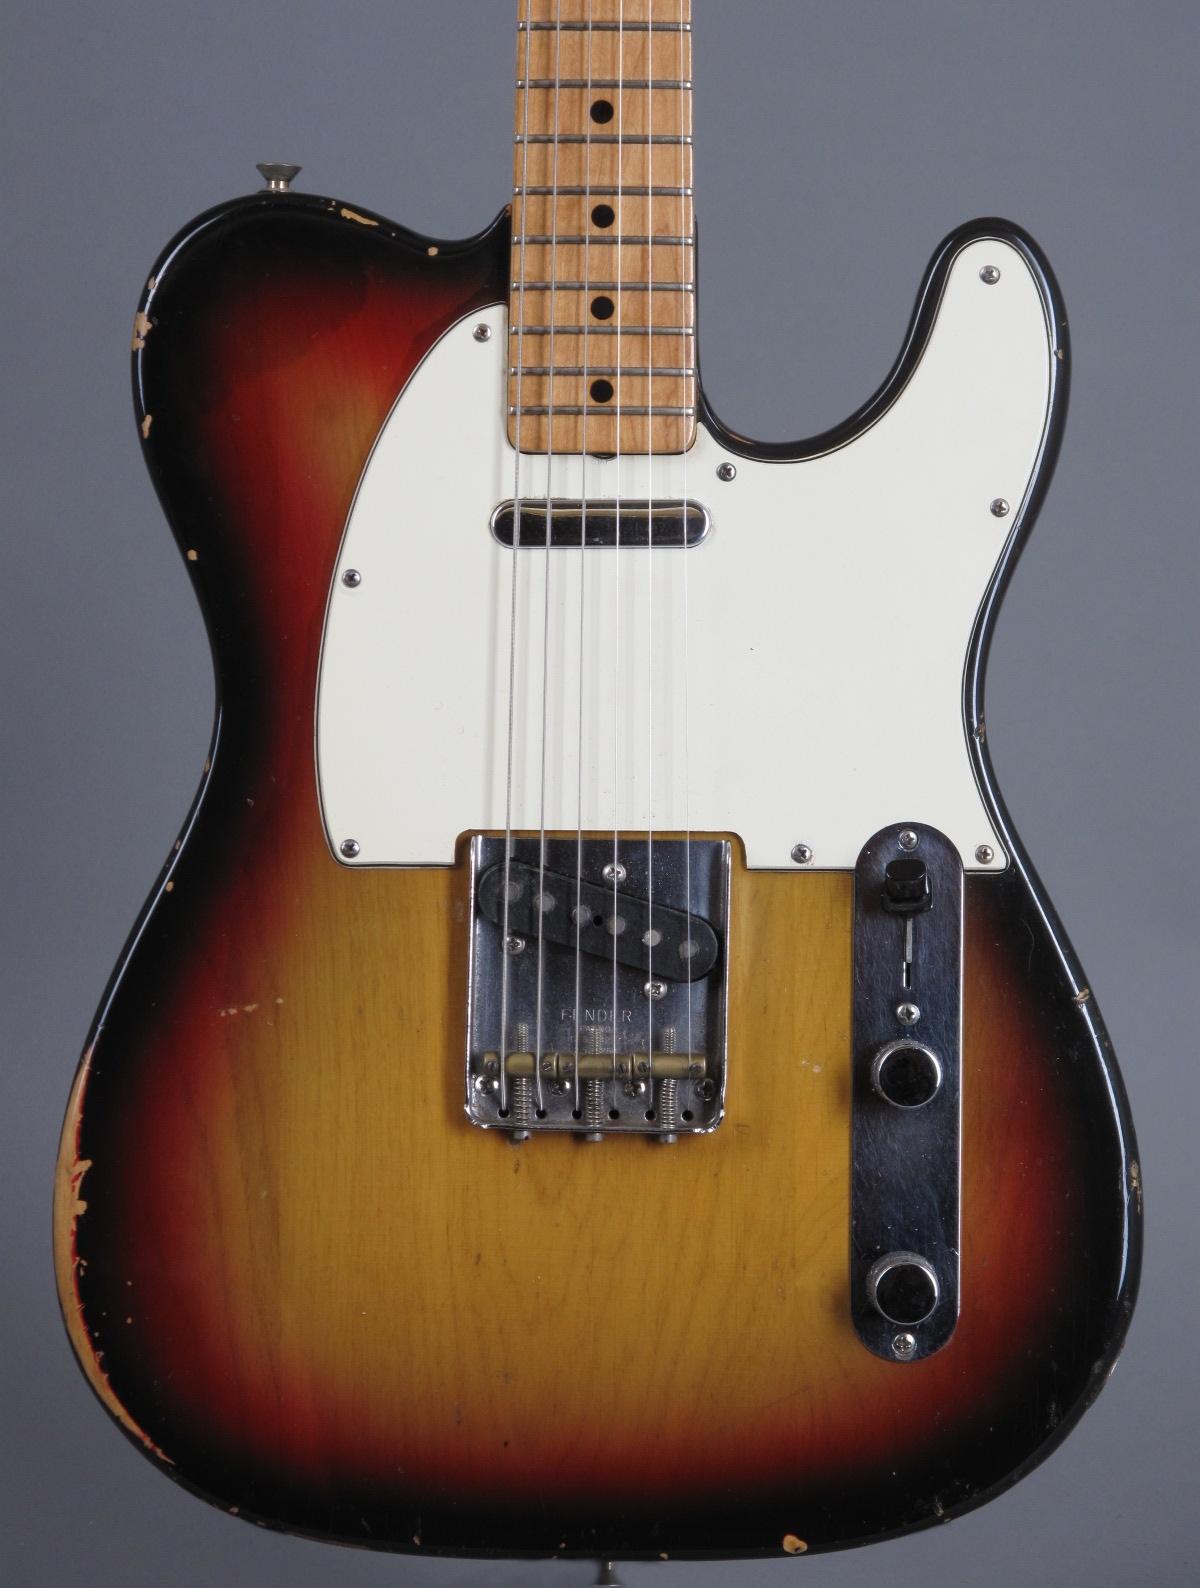 1972 Fender Telecaster - 3-tone Sunburst